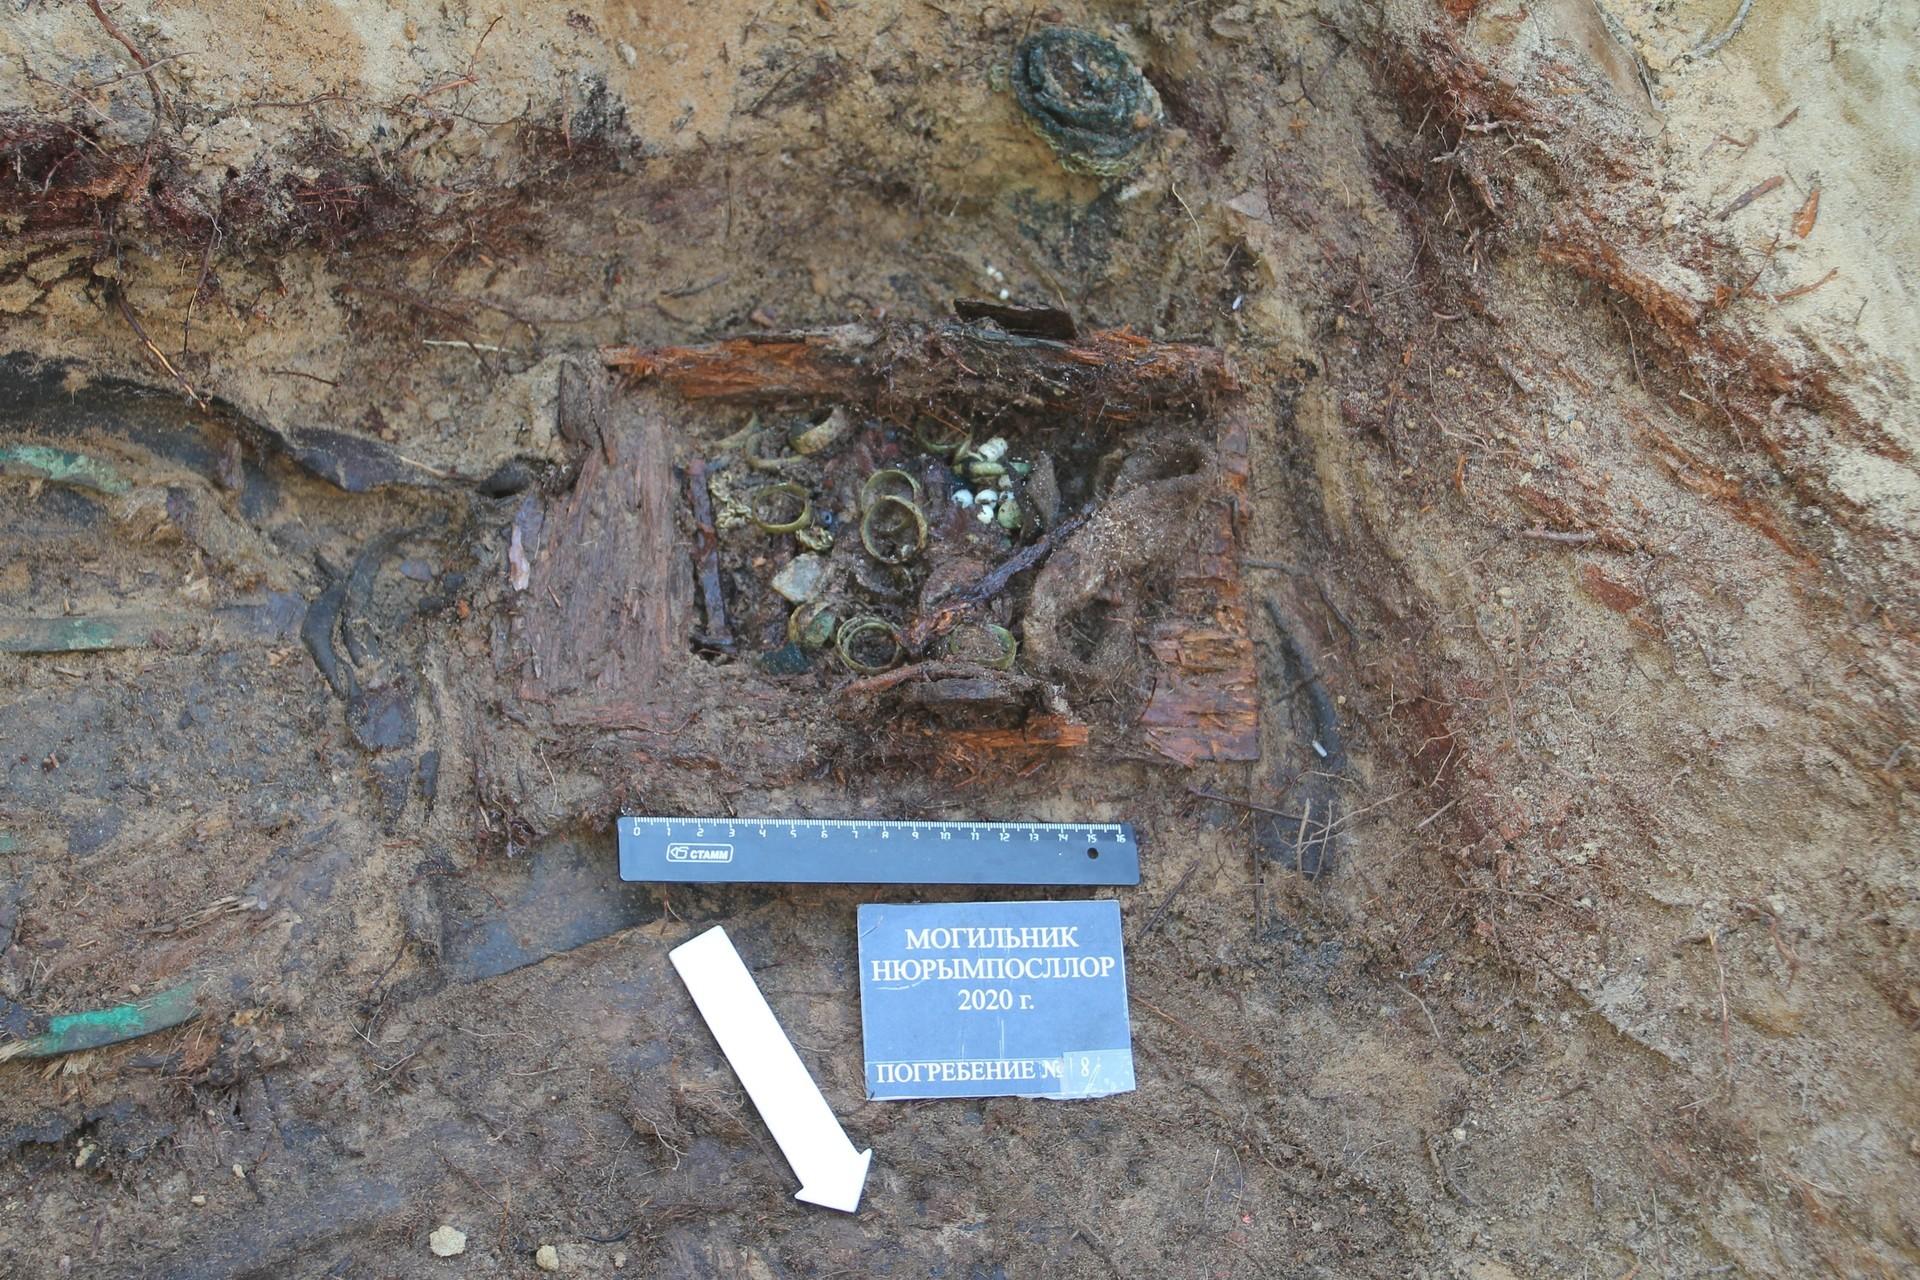 Caja de madera con joyas. (14 anillos y collares de cobre) en la tumba de una mujer